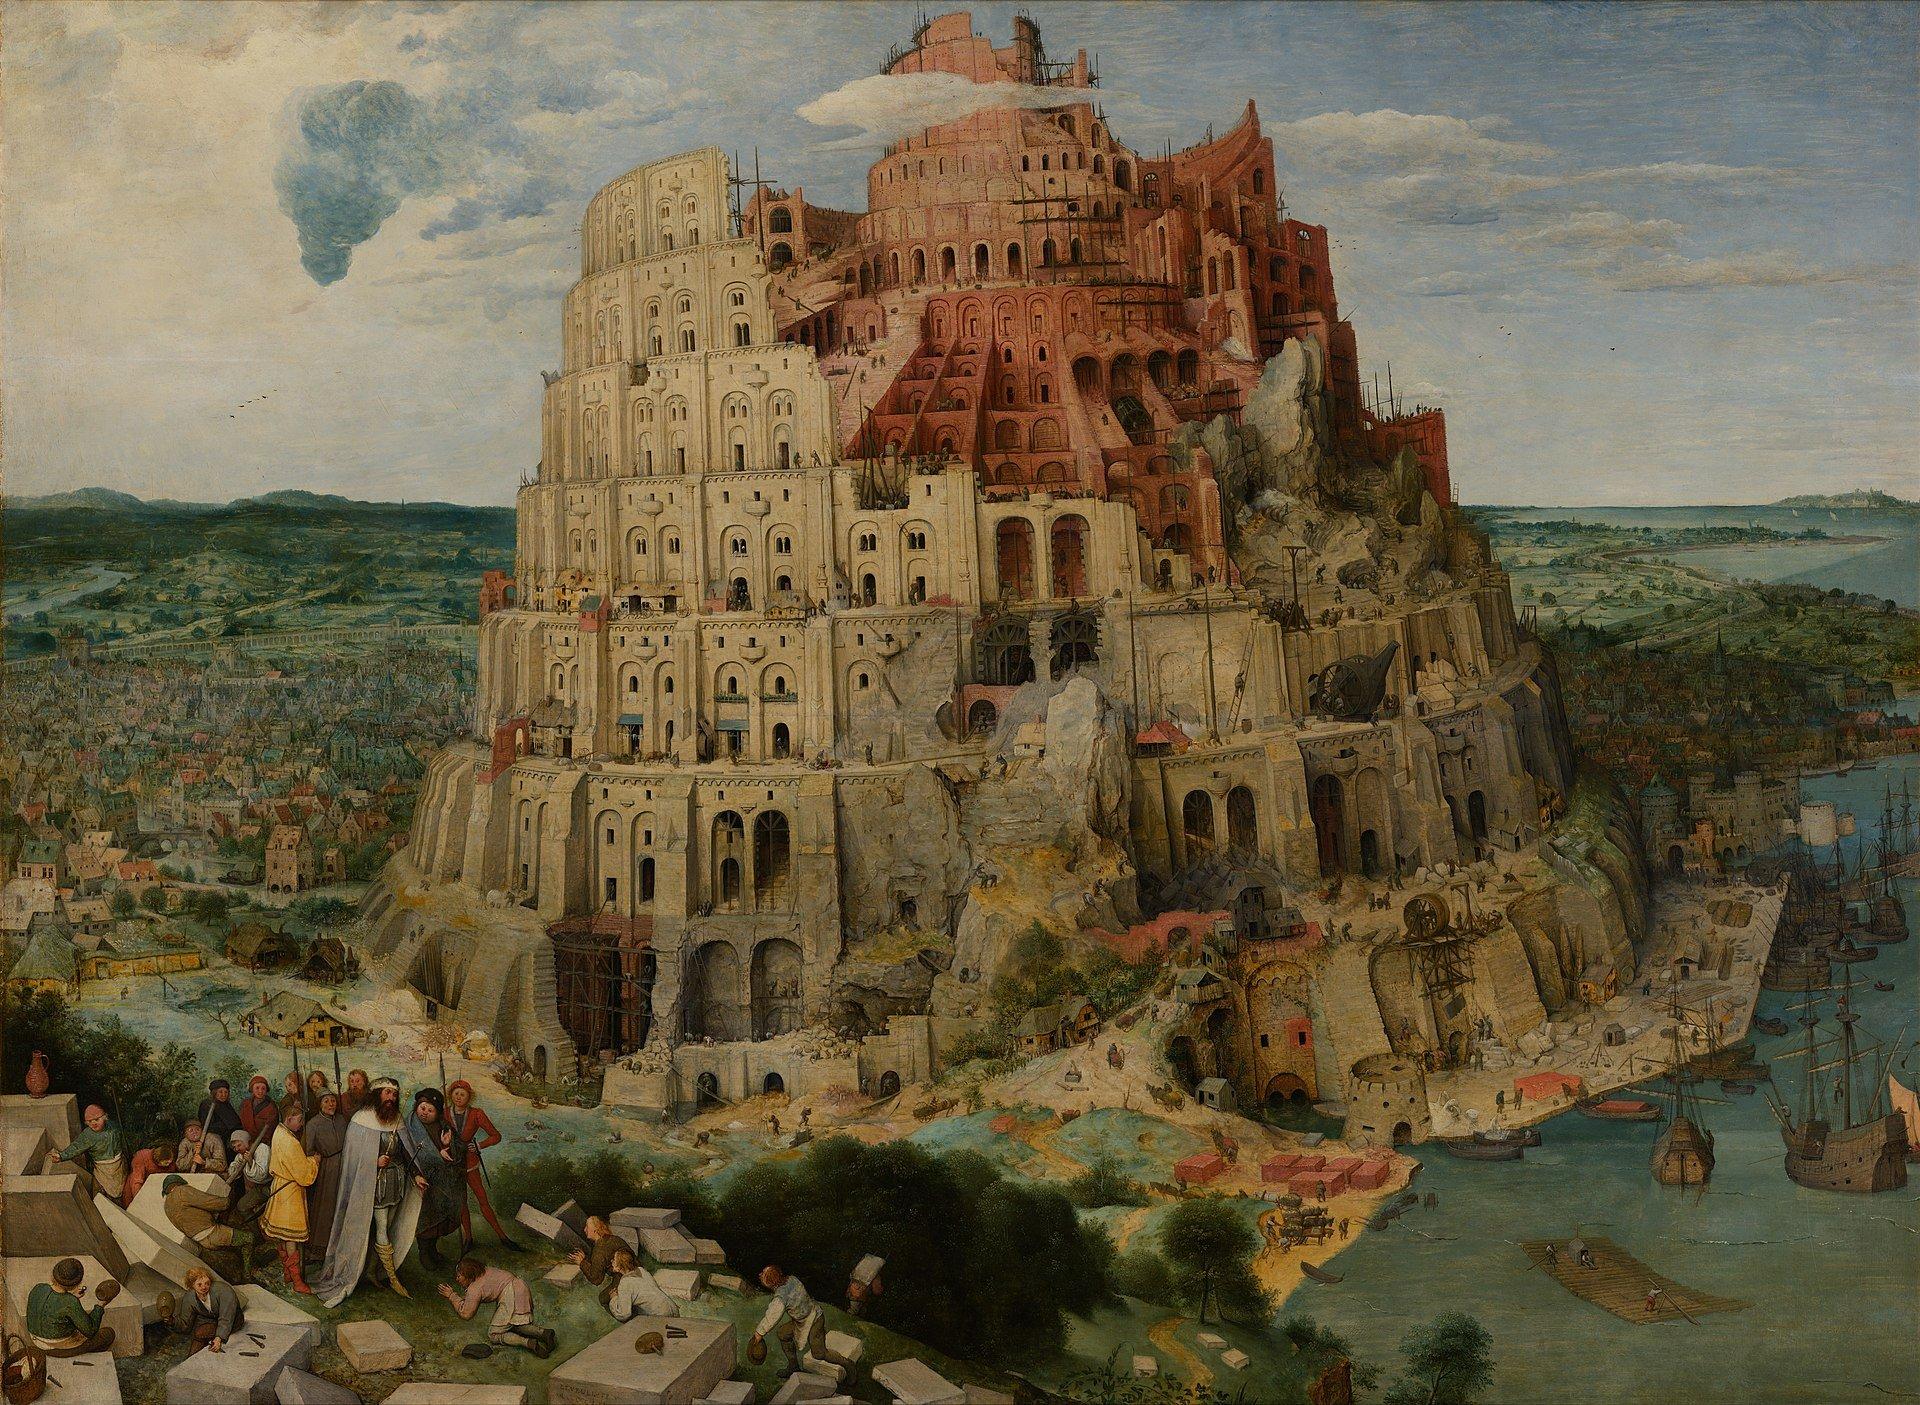 1920px-Pieter_Bruegel_the_Elder_-_The_Tower_of_Babel_(Vienna)_-_Google_Art_Project-d914ac17